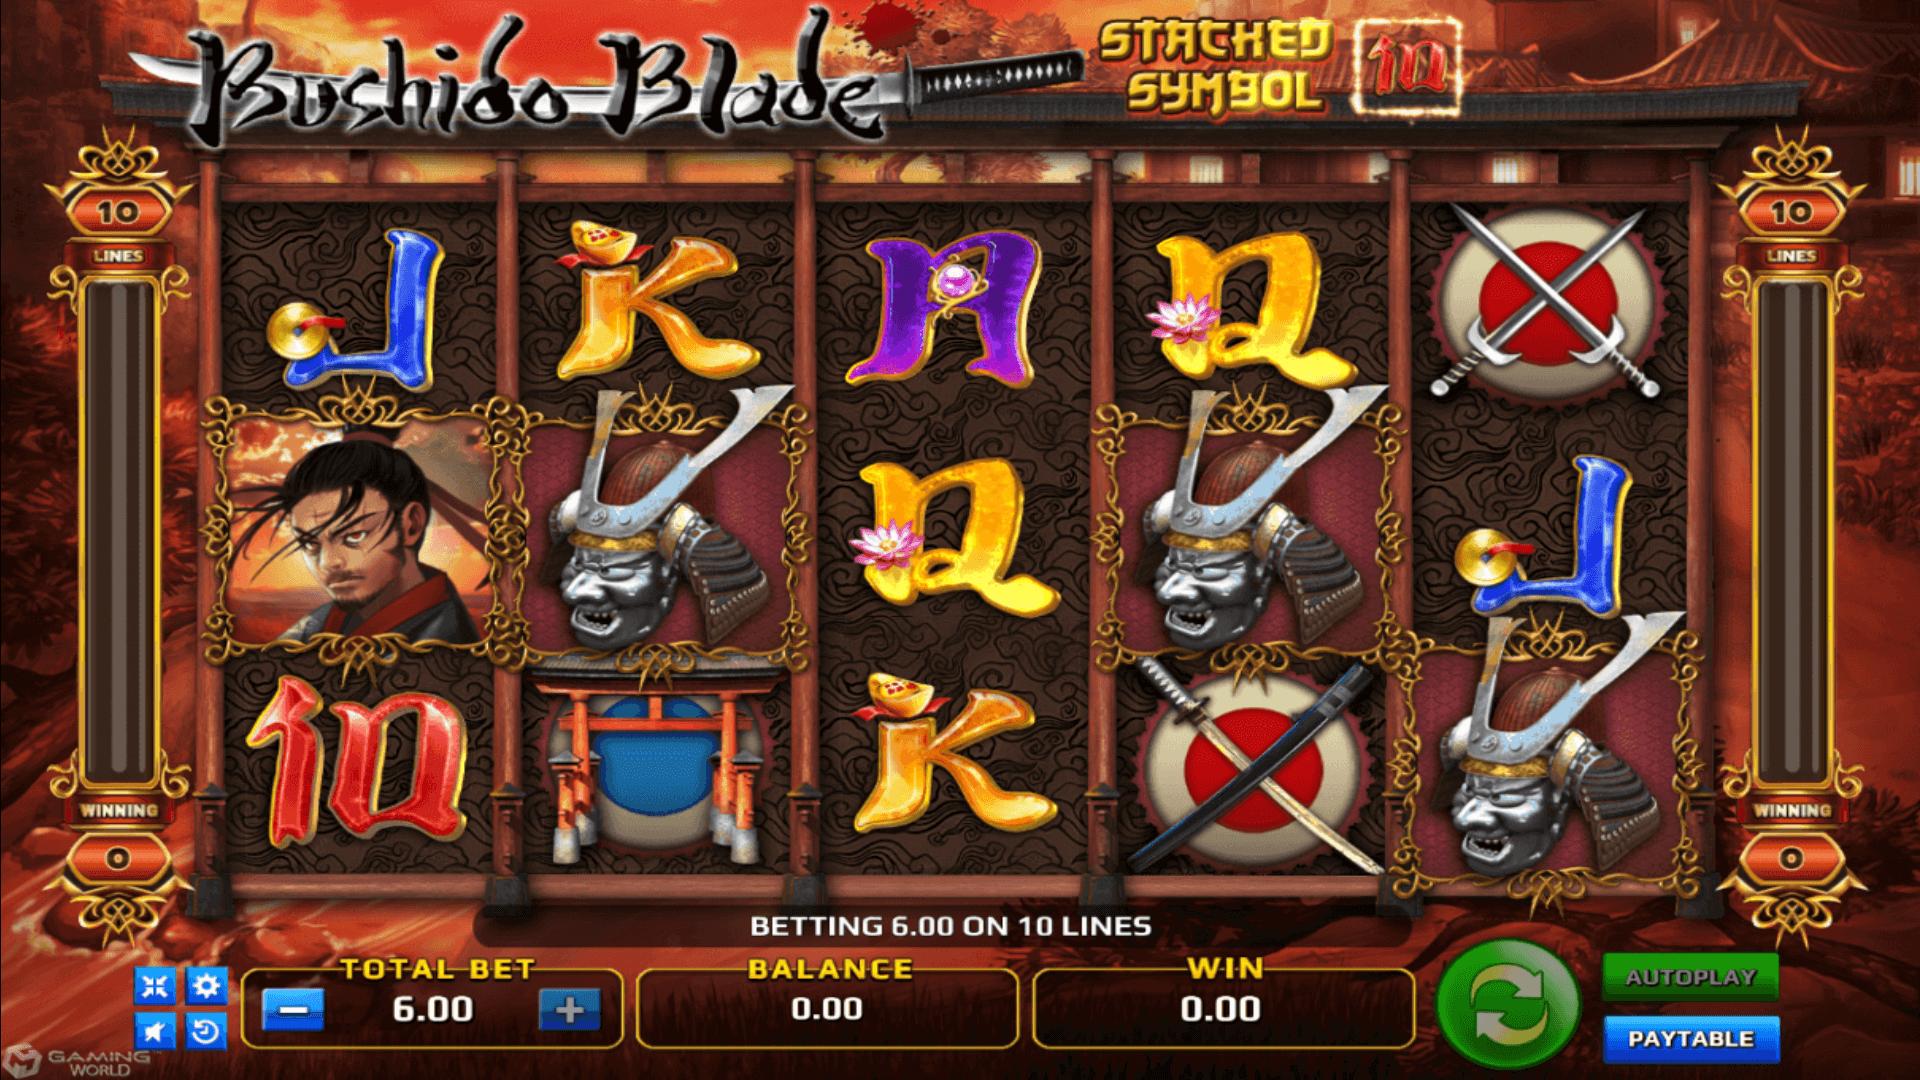 รีวิวเกมสล็อต-Bushido-blade